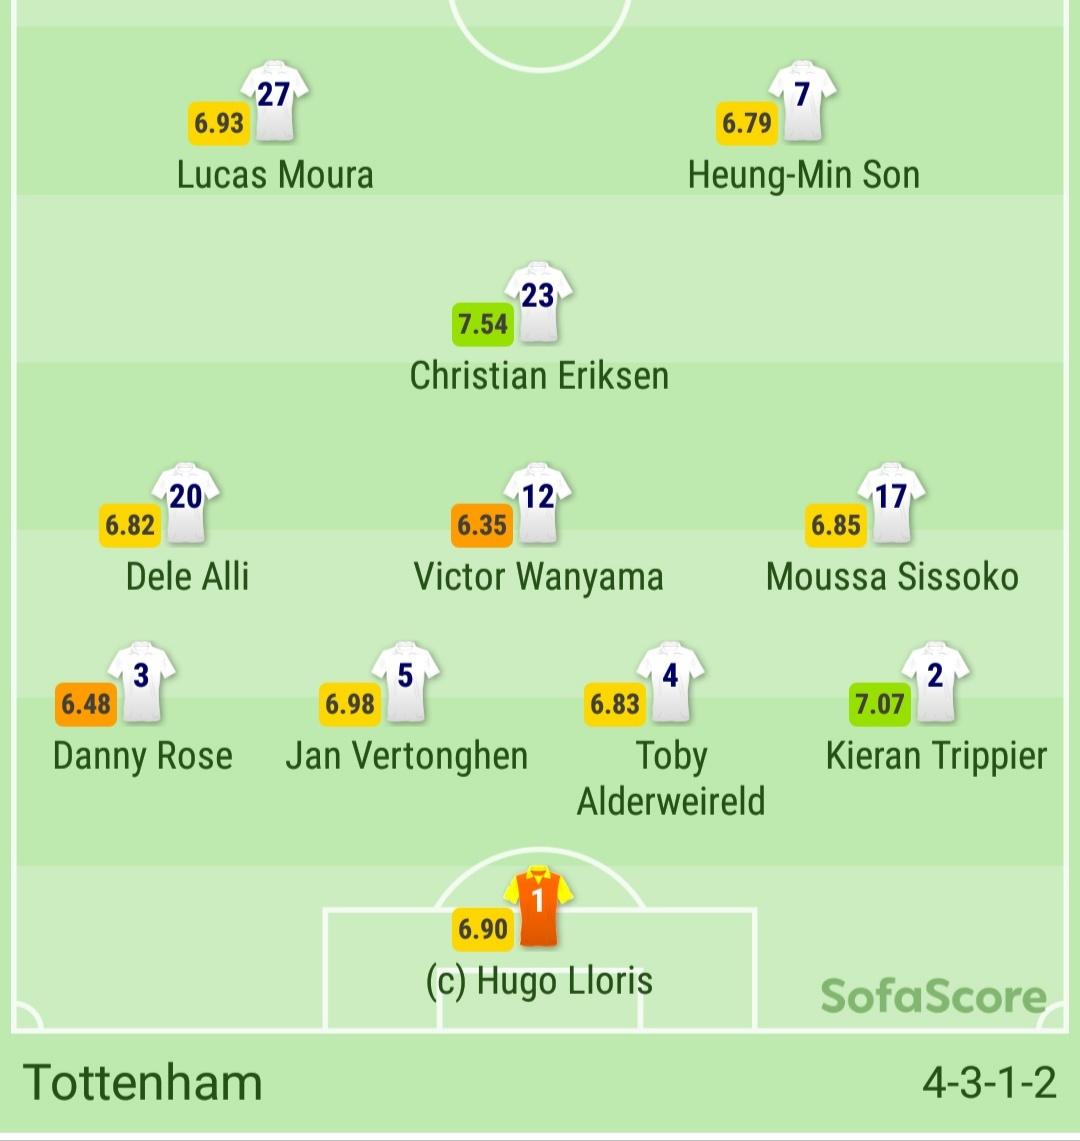 TRỰC TIẾP Ajax Vs Tottenham: Đội Hình Ra Sân